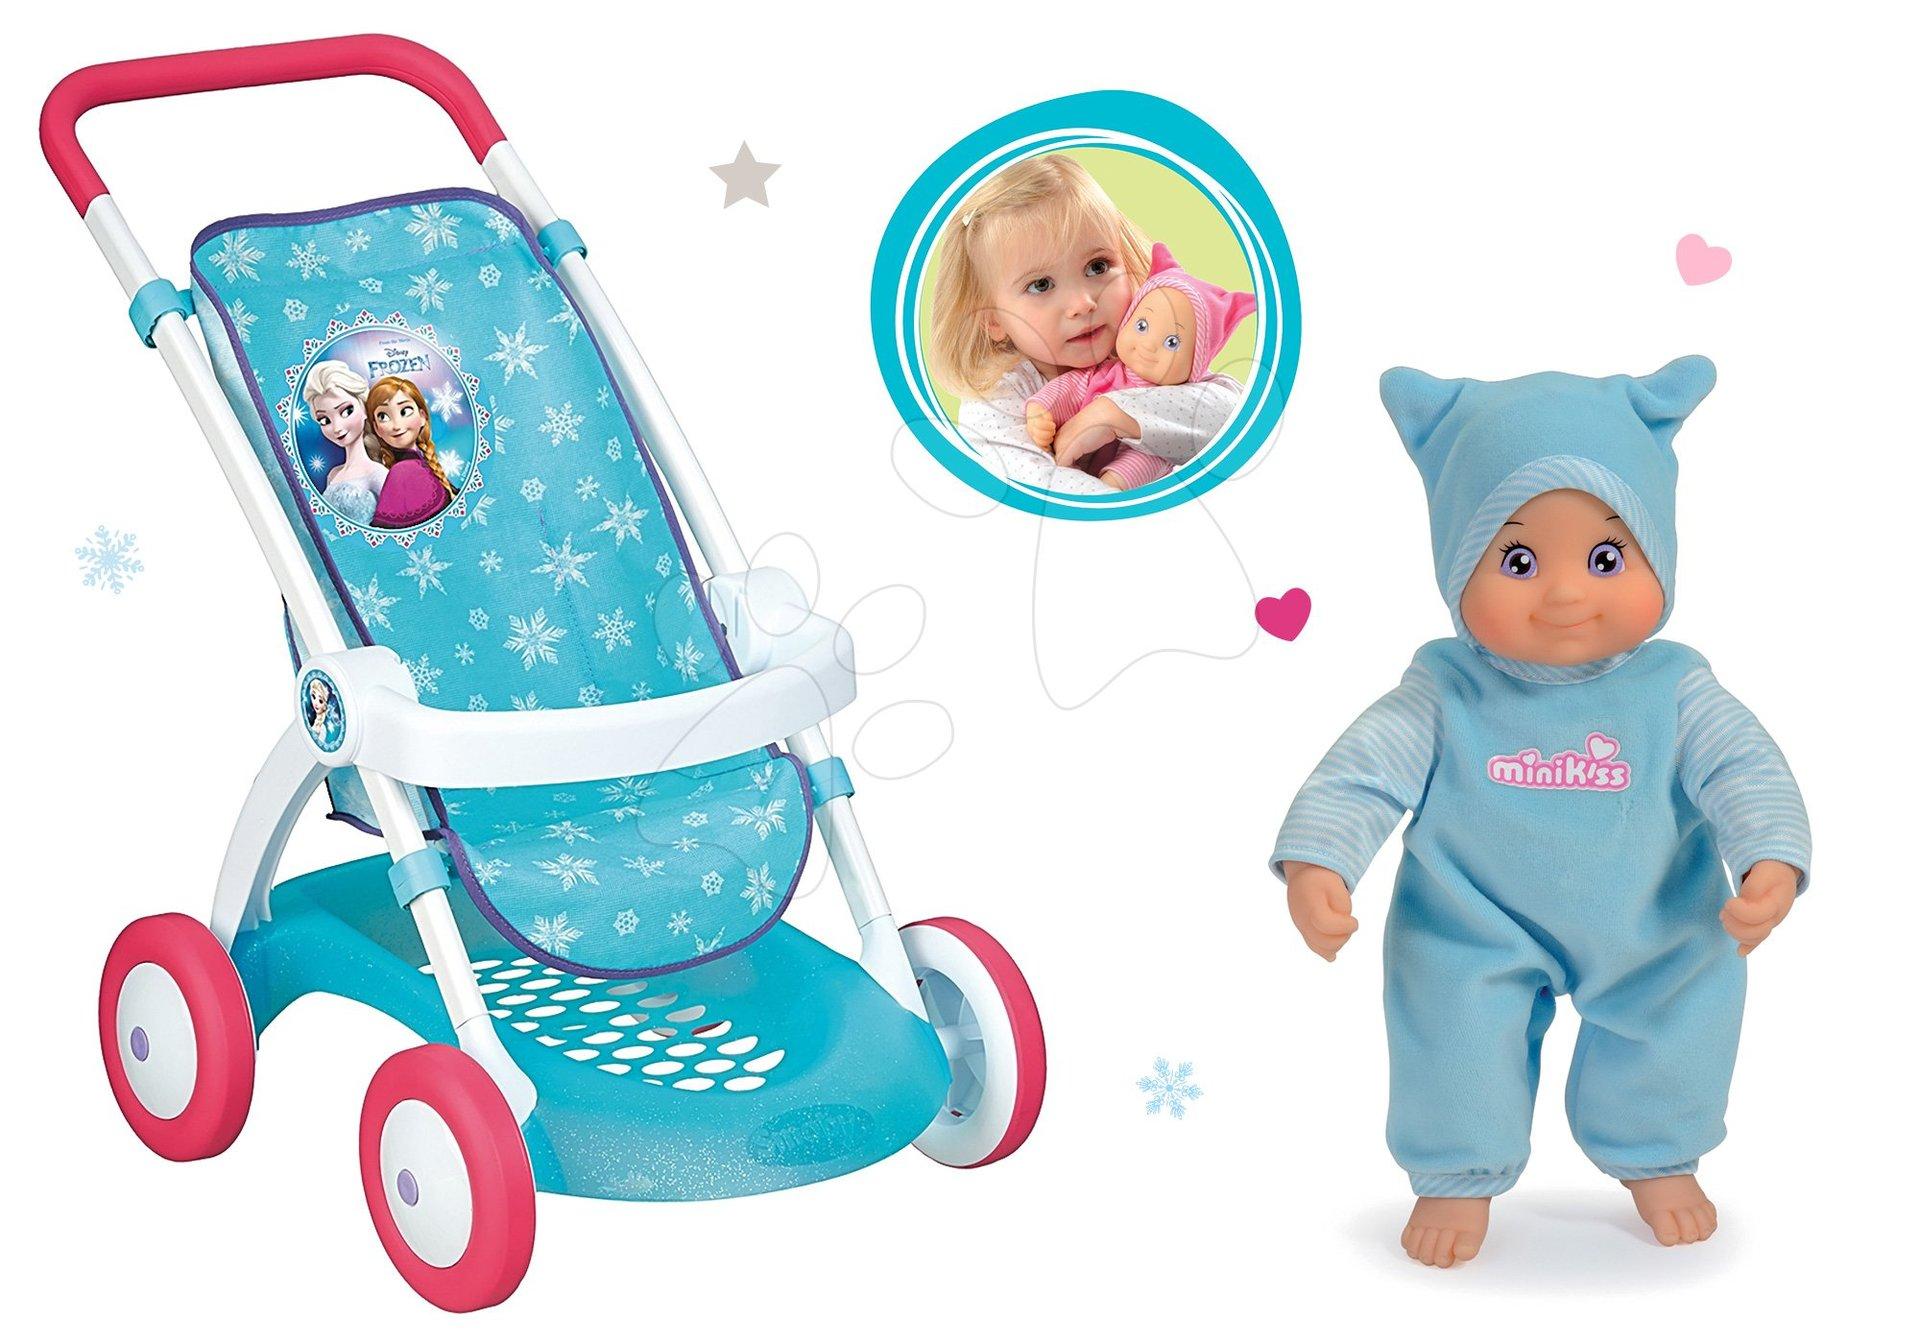 Komplet športni voziček za dojenčka Frozen Smoby z dojenčkom Minikiss z zvokom poljubčka od 18 mes